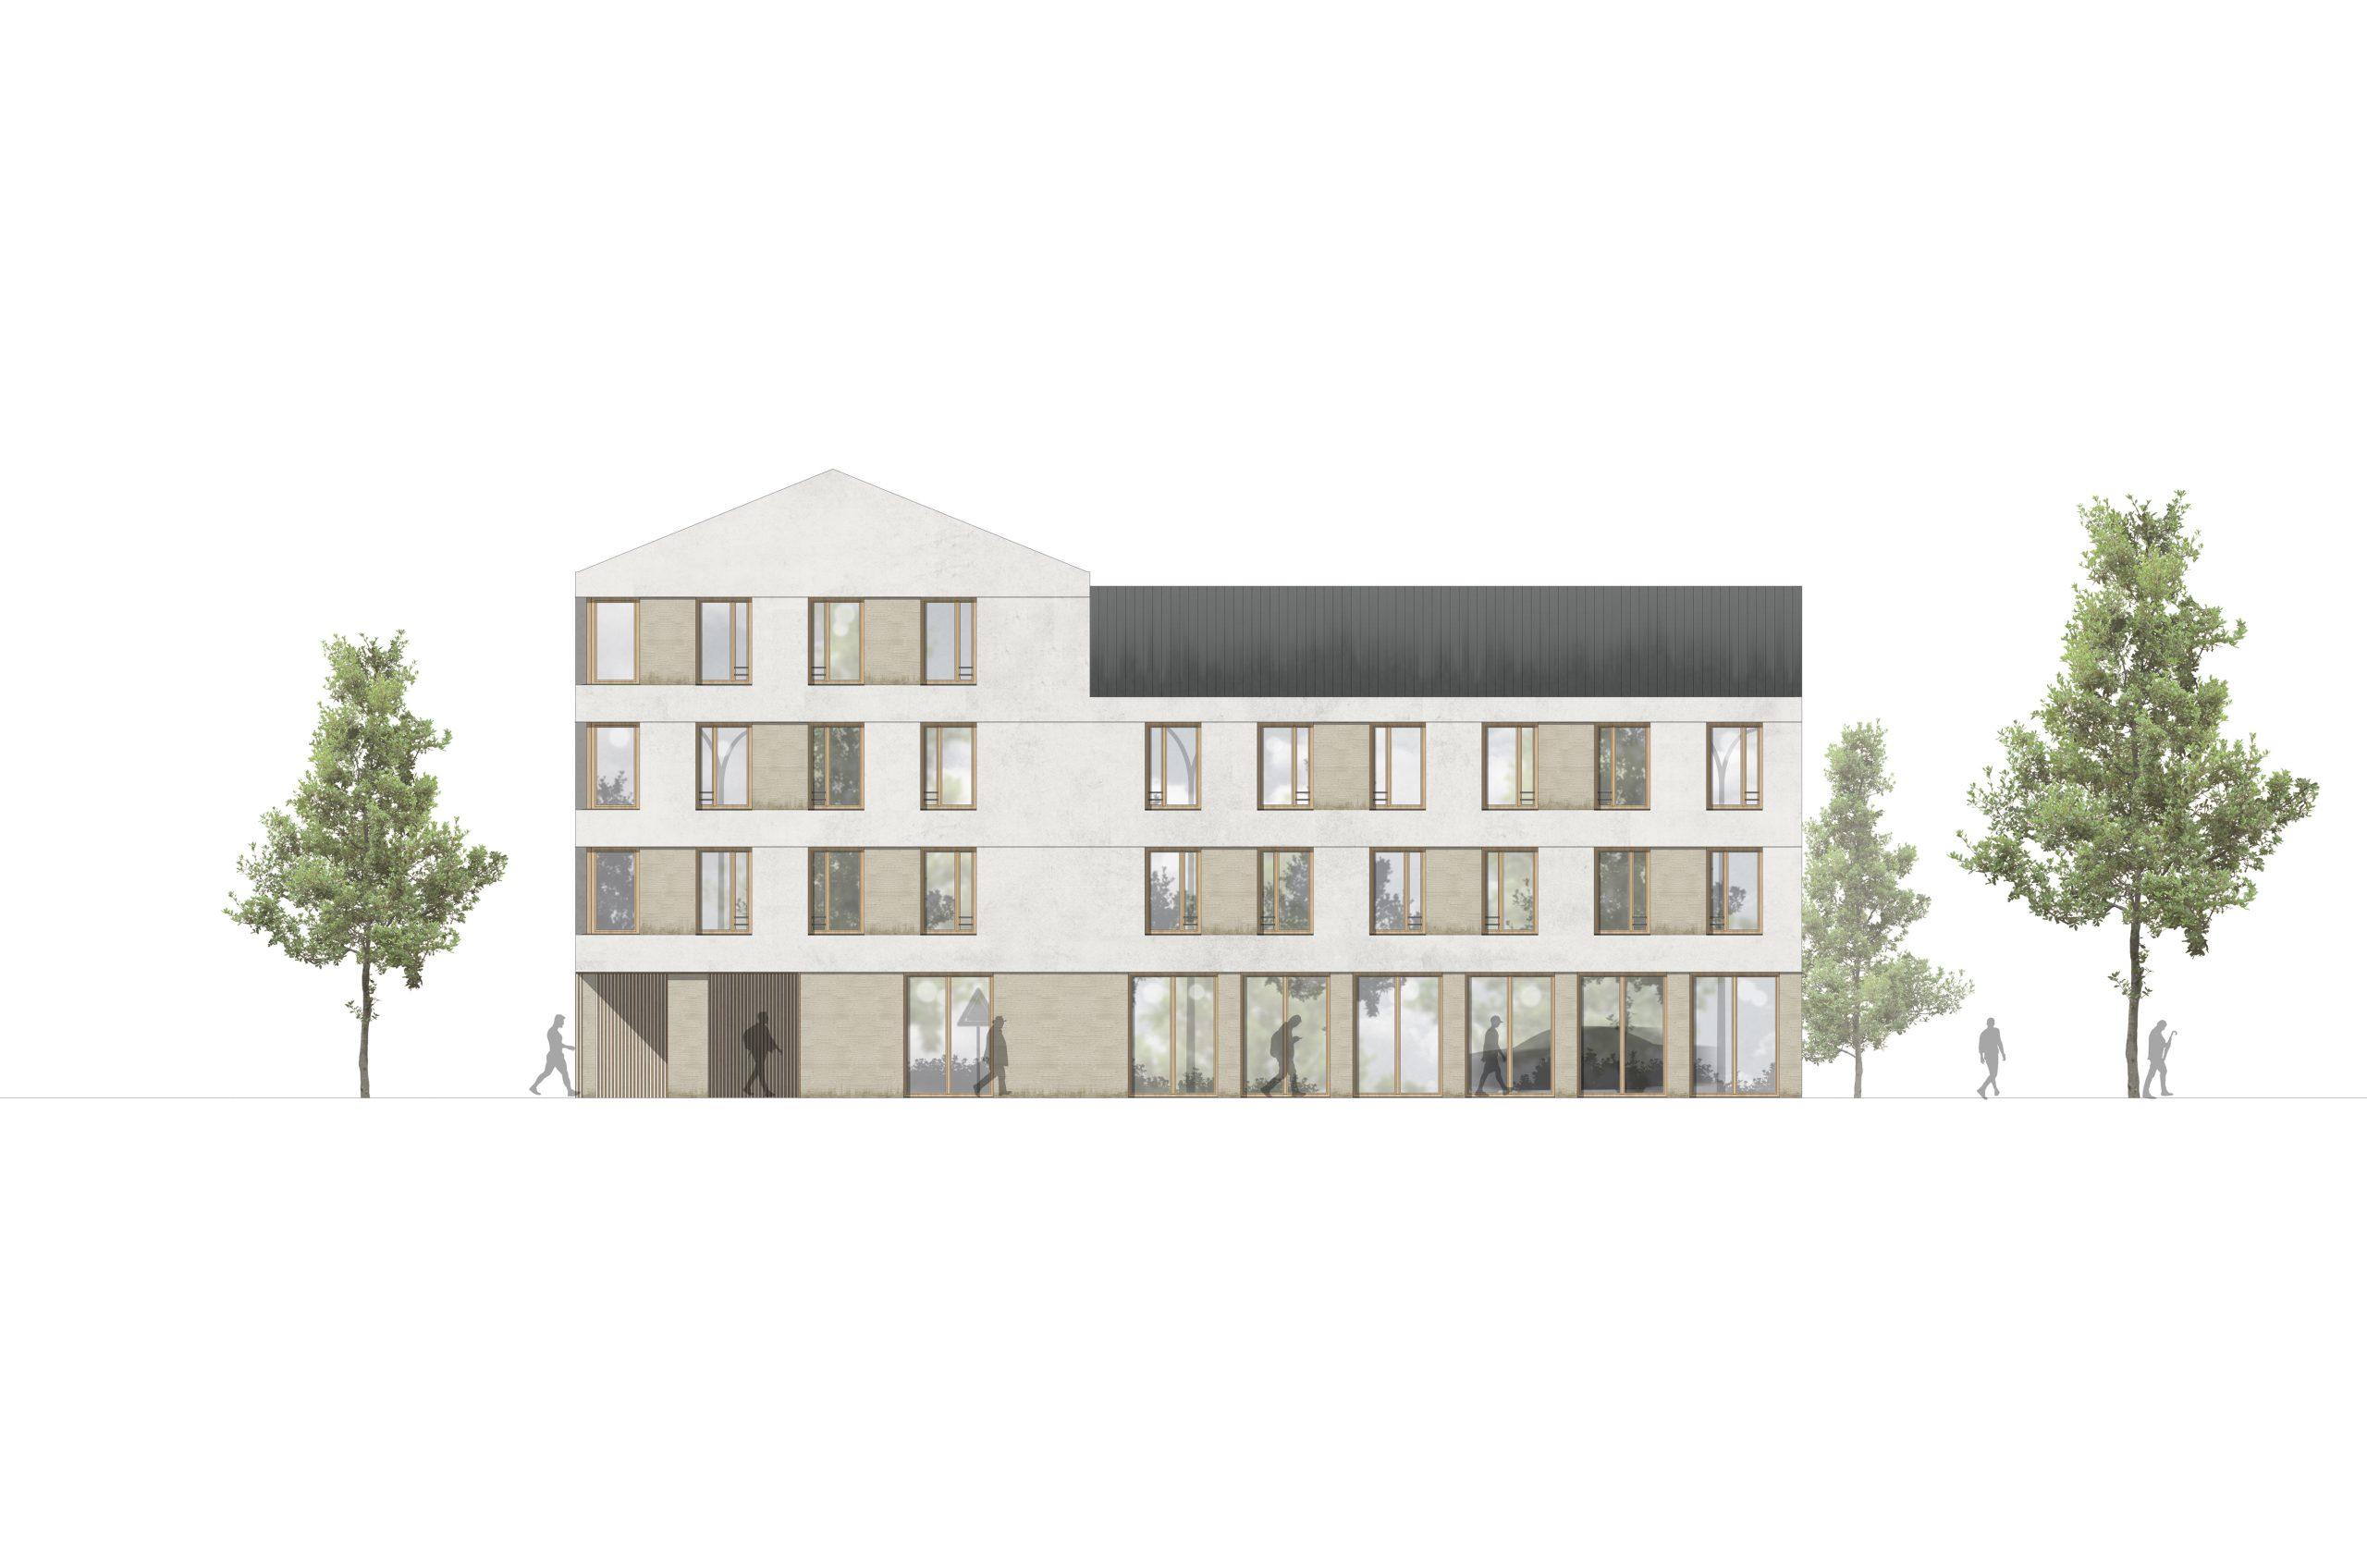 jacob-mayer-voigt-architekt-interior-design-architektur-wohnhaus-design-hochbau-umbau-erweiterung-aufstockung